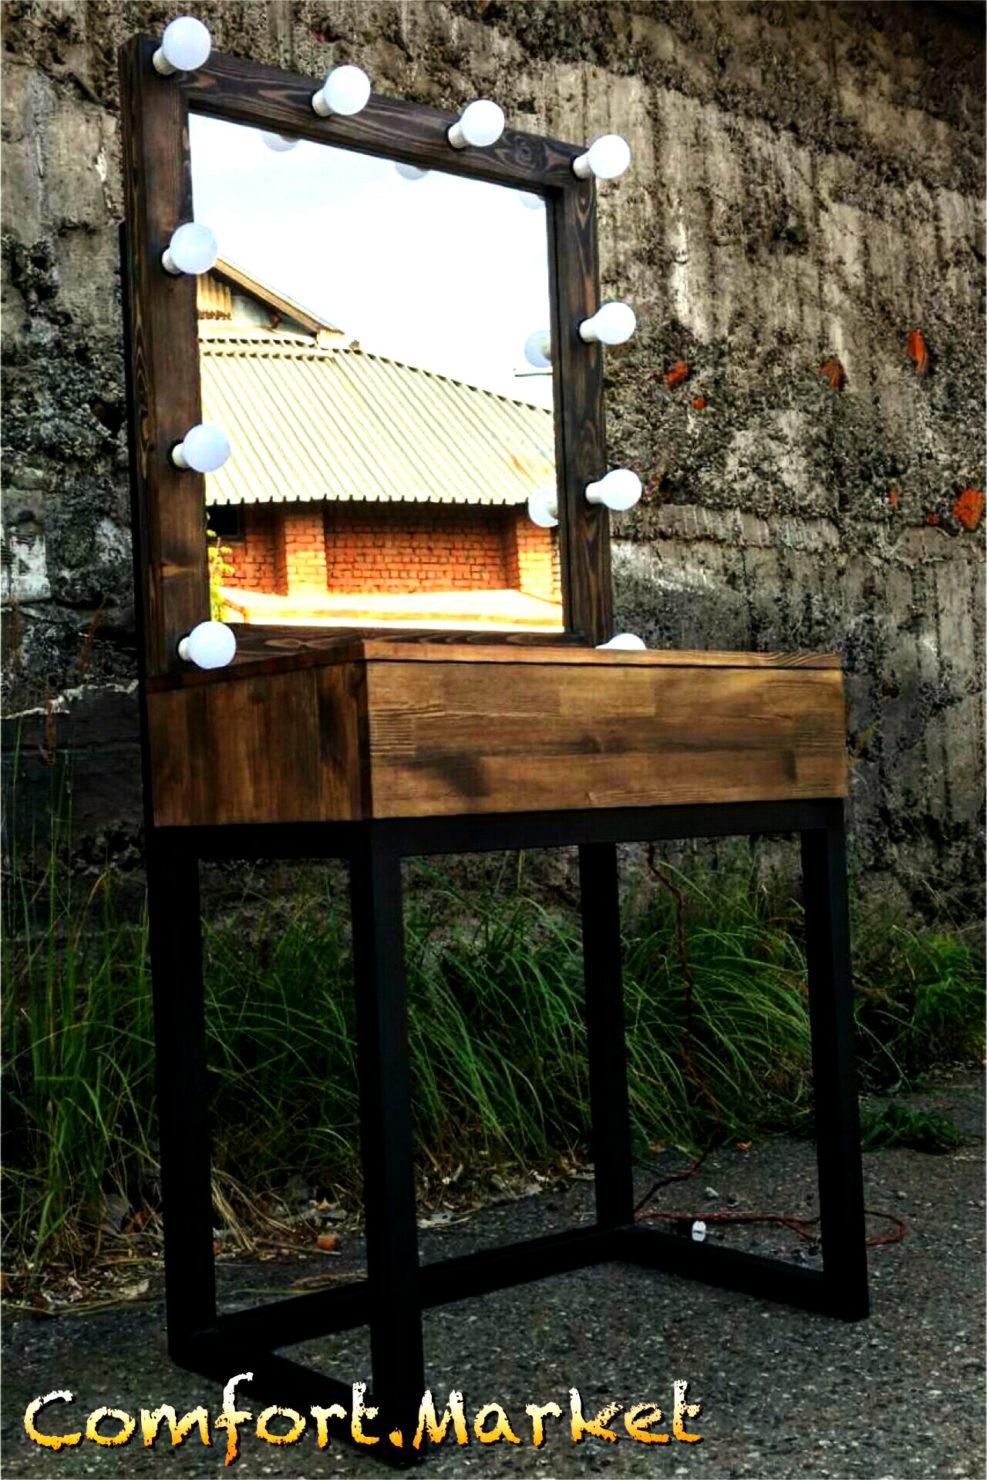 Купить гримерное зеркало и стол визажиста из массива дерева в Киеве.